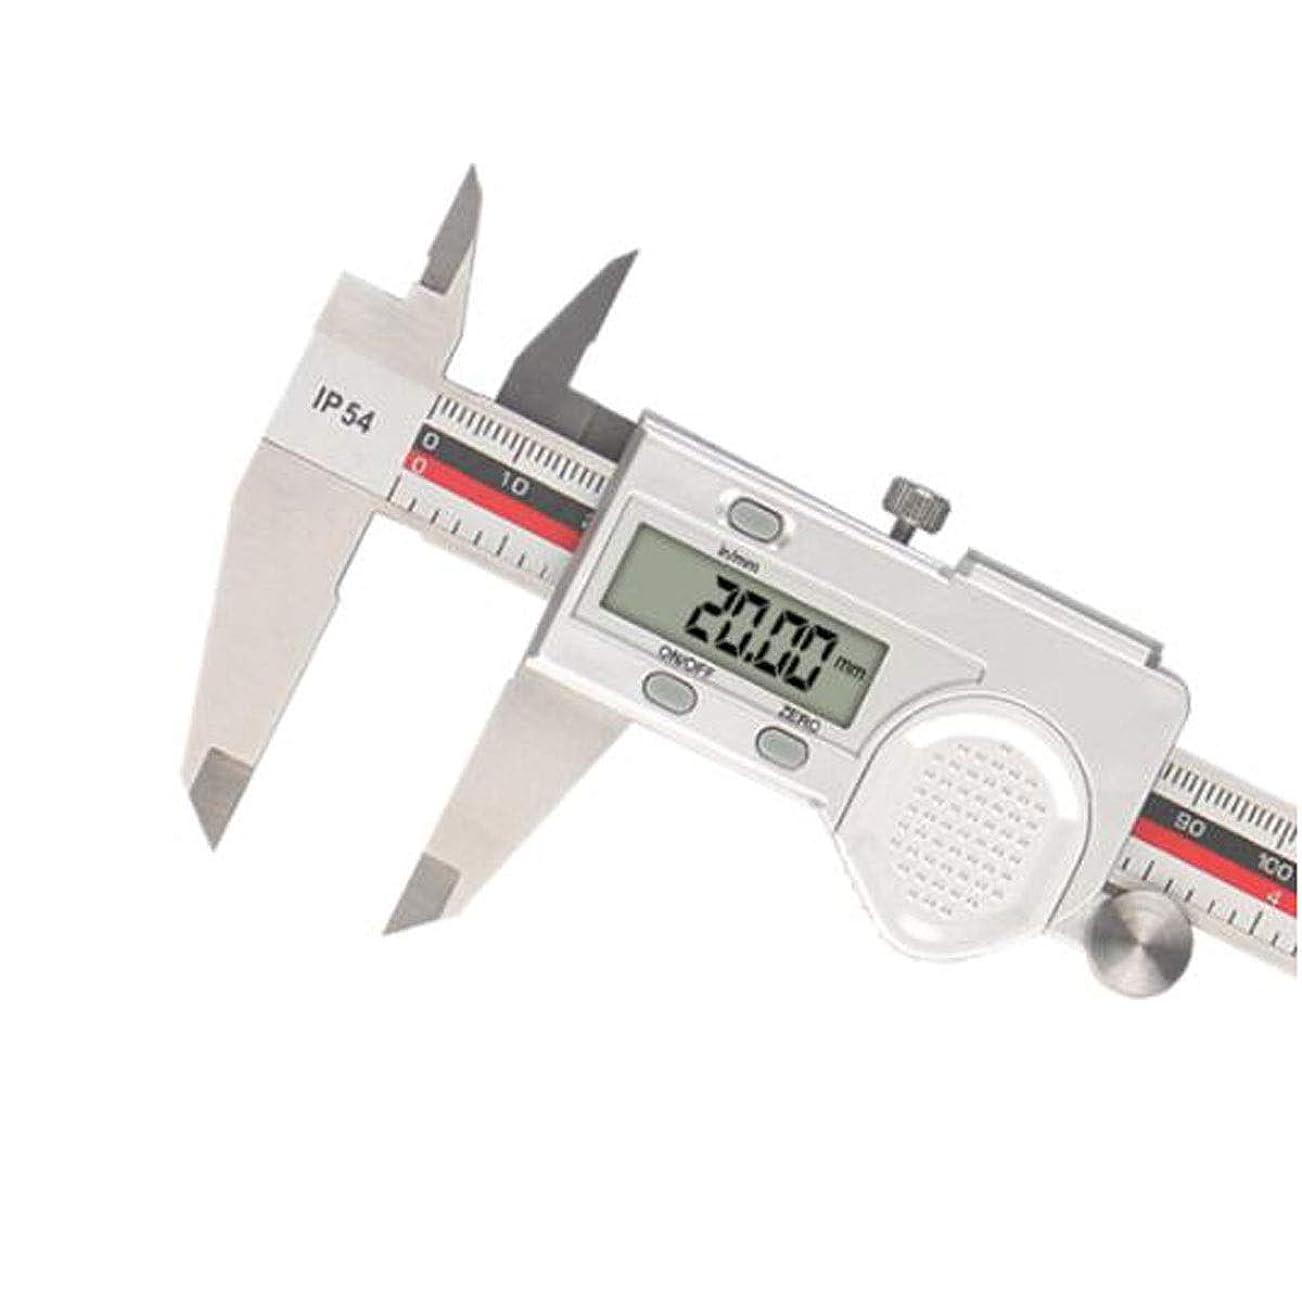 欠如約束する効果的にGUYUEXUAN ノギスデジタルディスプレイノギスステンレススチール150/200 / 300mmデジタルノギスプロフェッショナルメジャーツールメトリック/インペリアル (Size : 300MM)